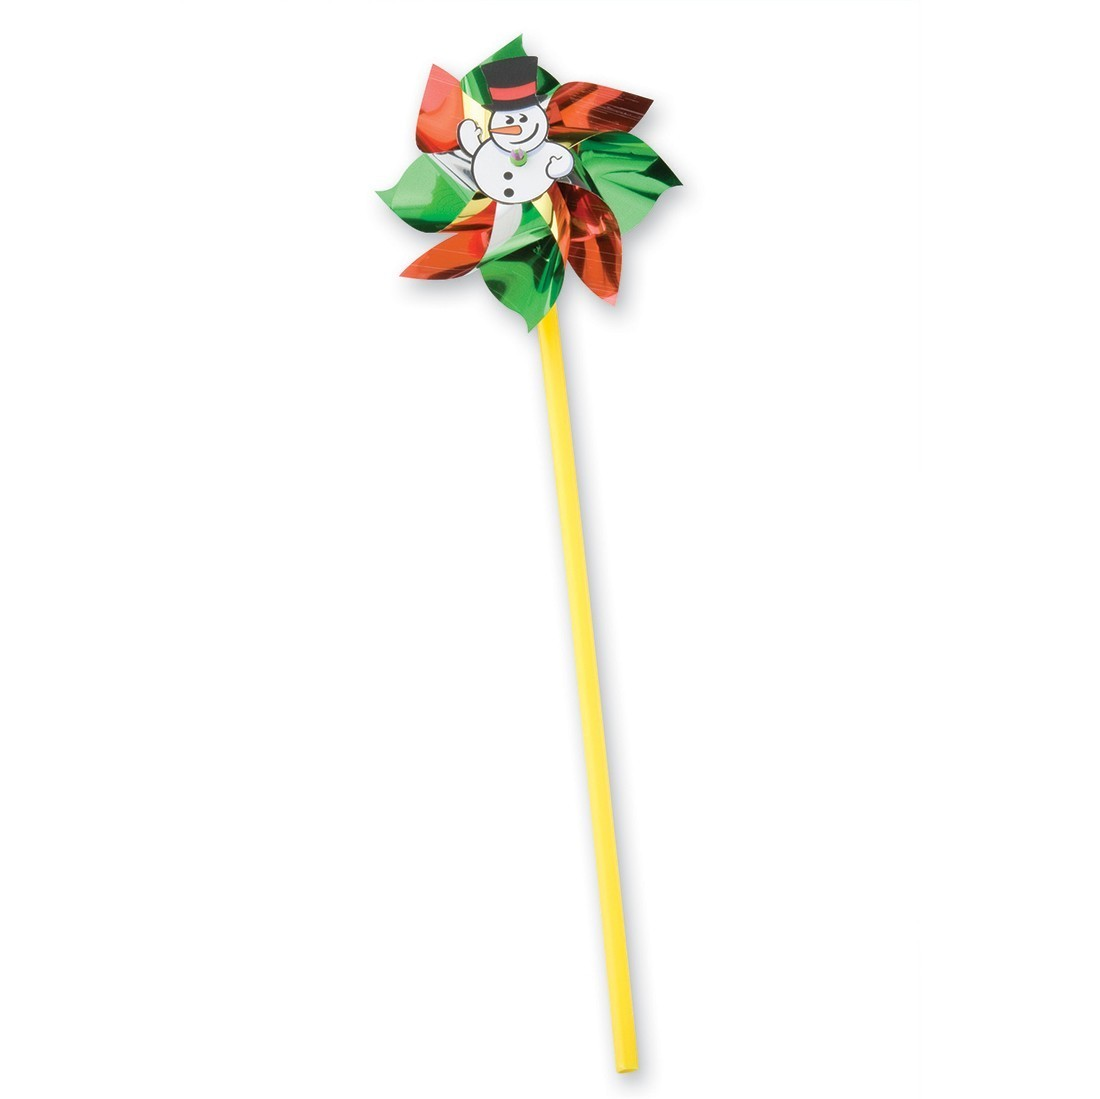 Snowman Pinwheels [image]